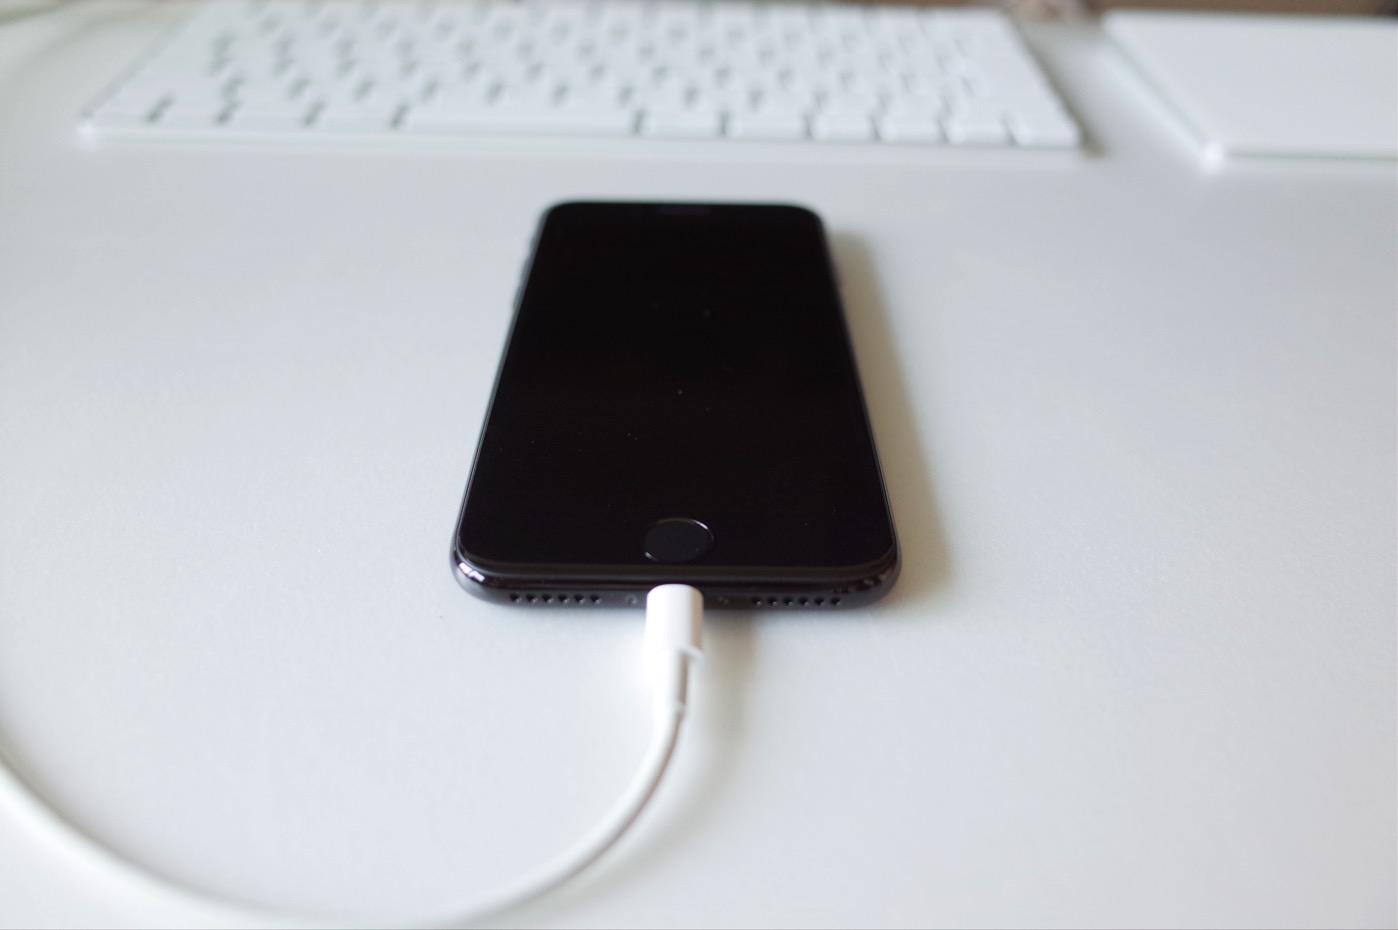 iPhone 7 ジェットブラック 256GB-17